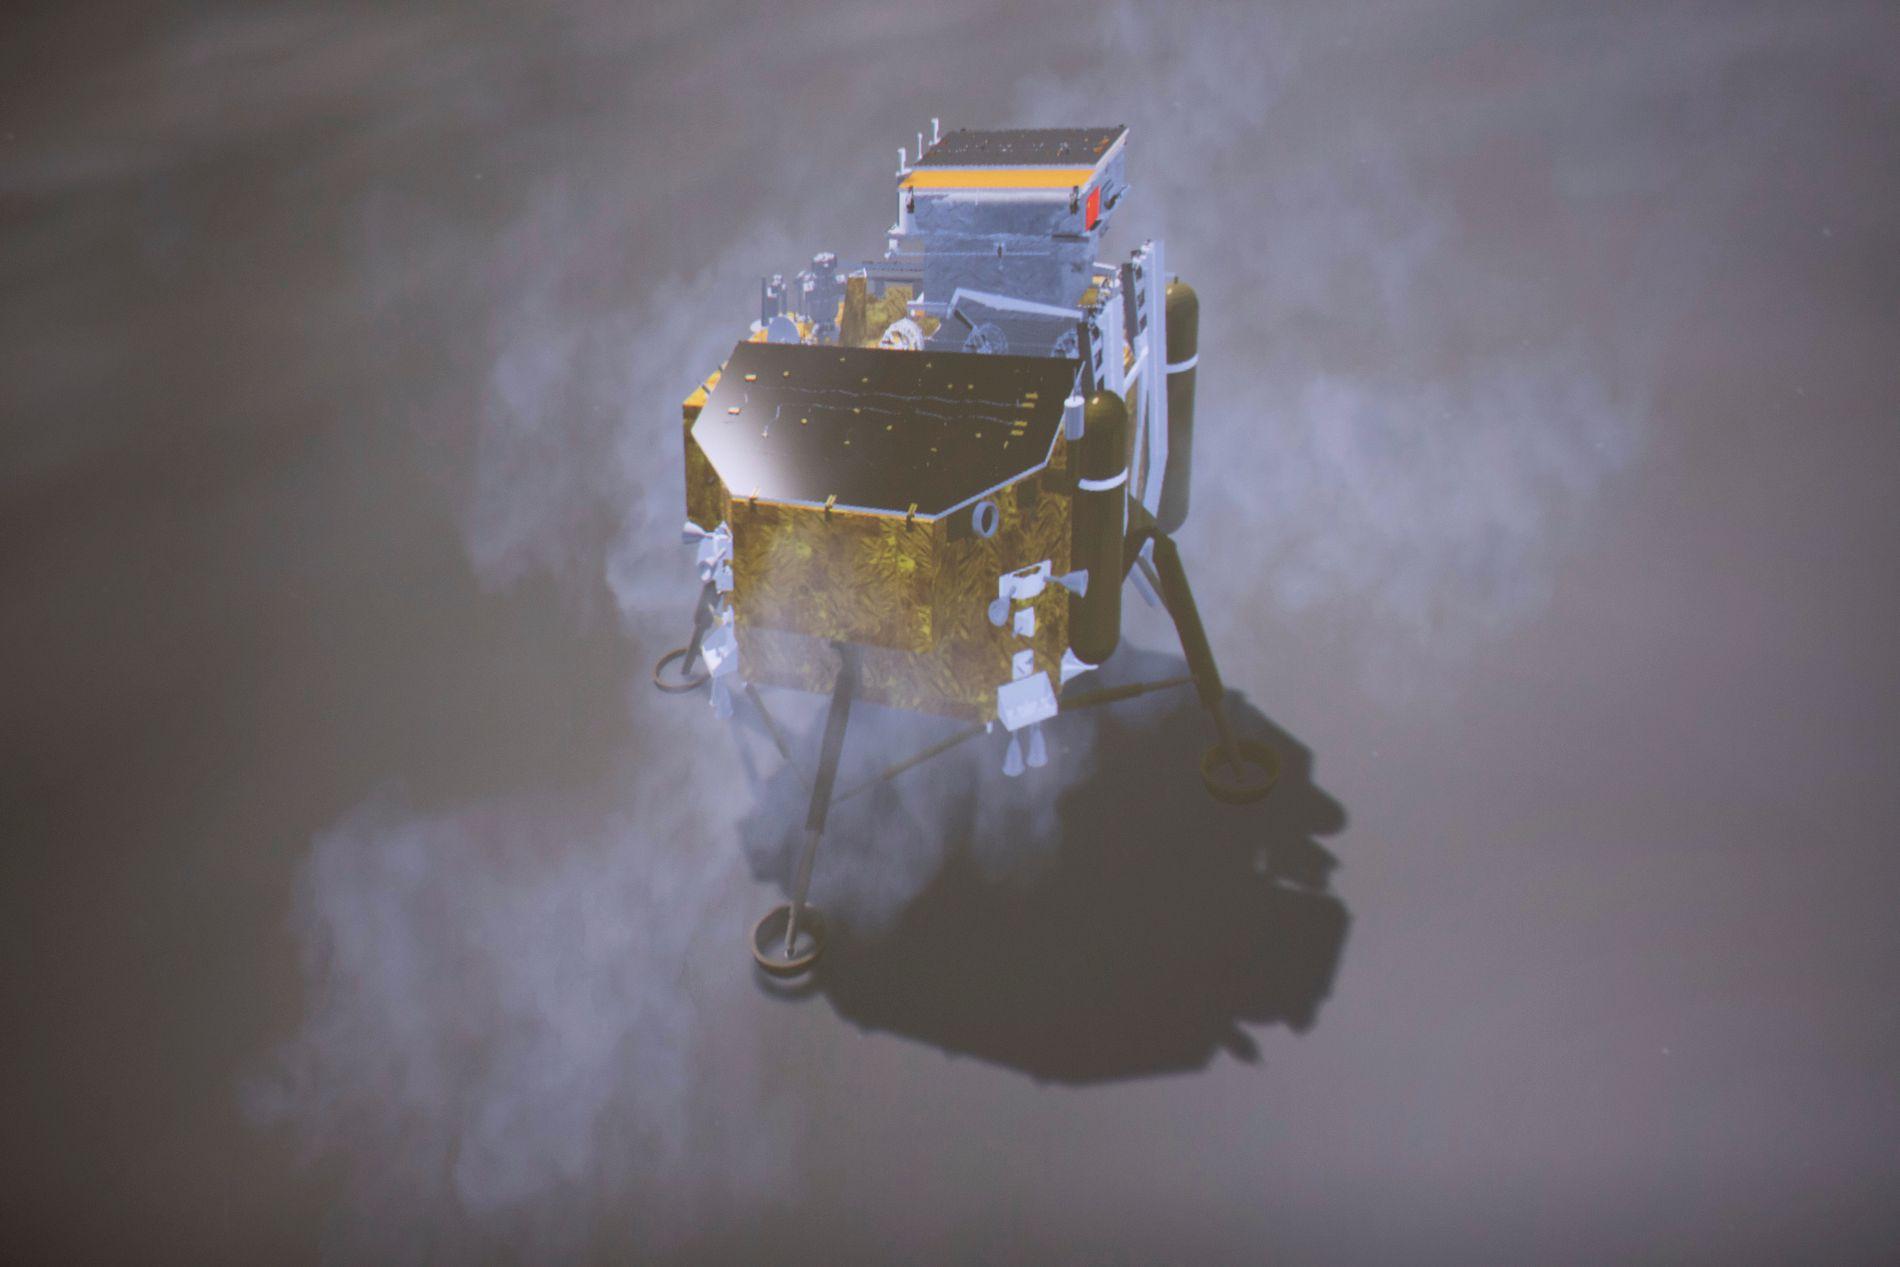 SONDELANDING: Bildet viser en simulert landing av Chang'e-4 sin romsonde, slik den ble sett på monitor ved Beijing Aerospace Control Center i Beijing.